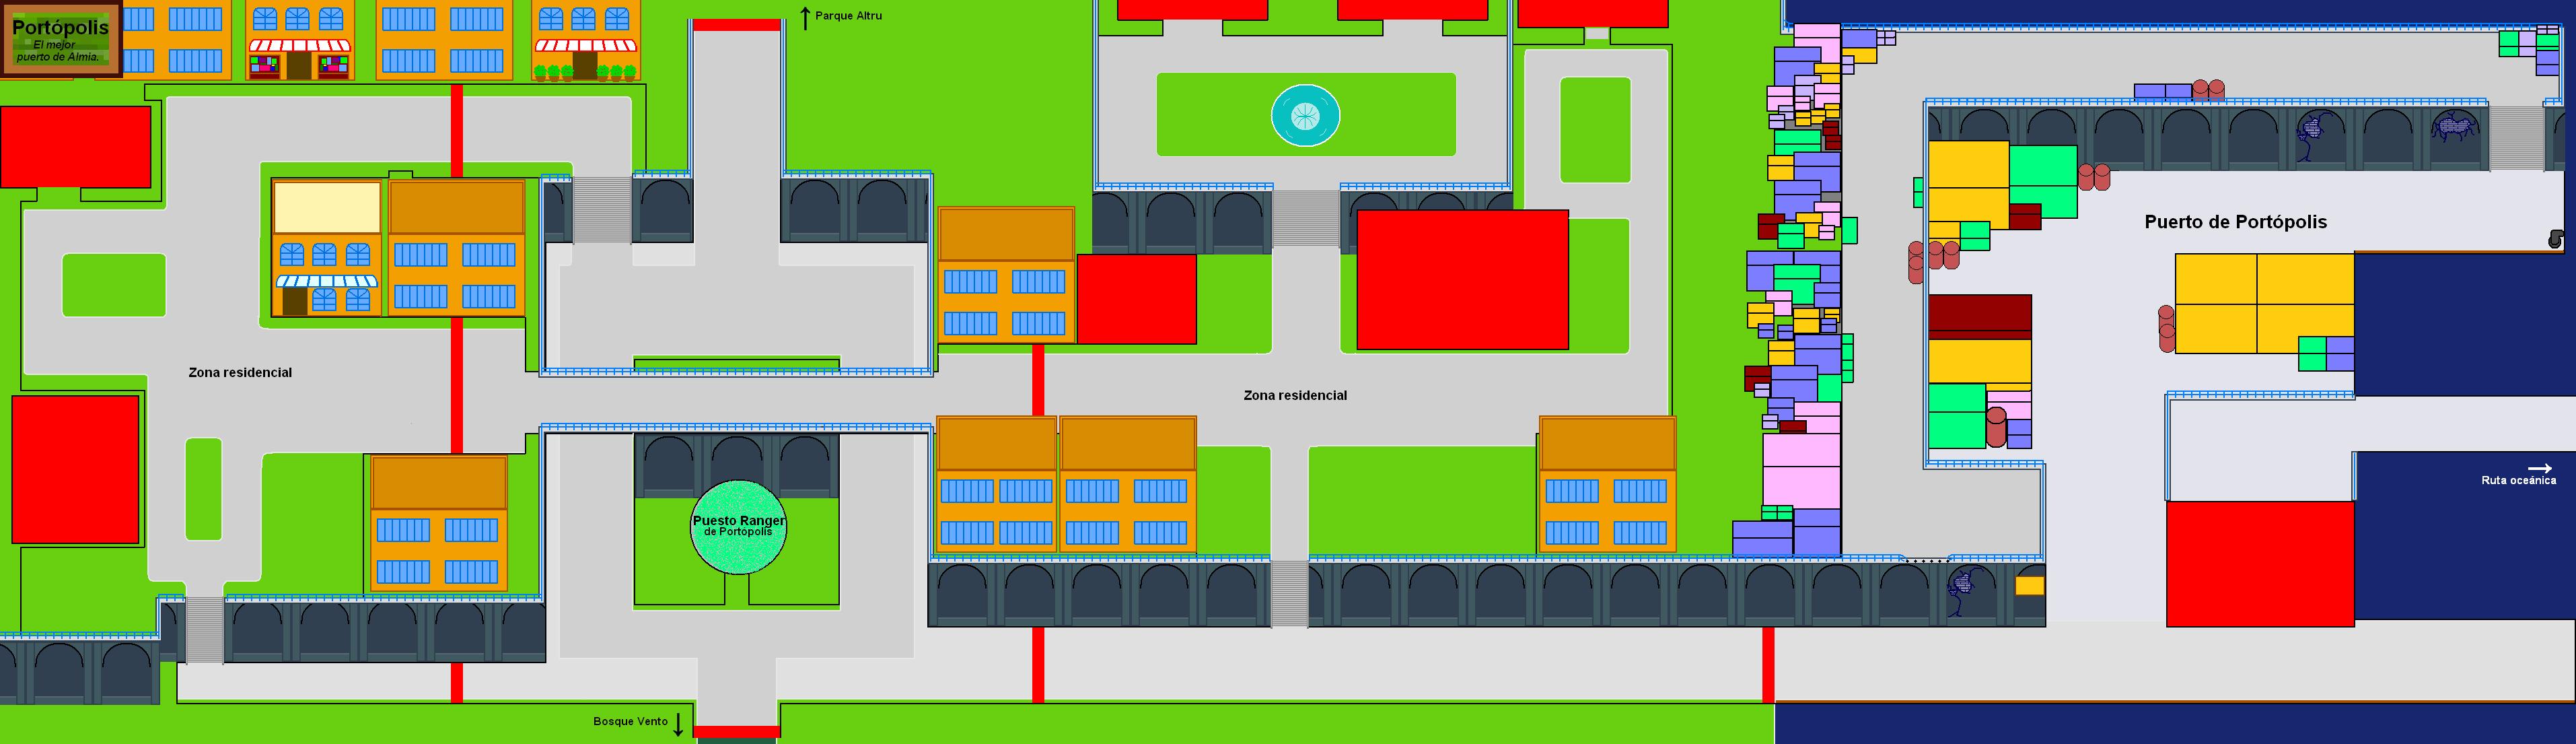 Plano de Portópolis